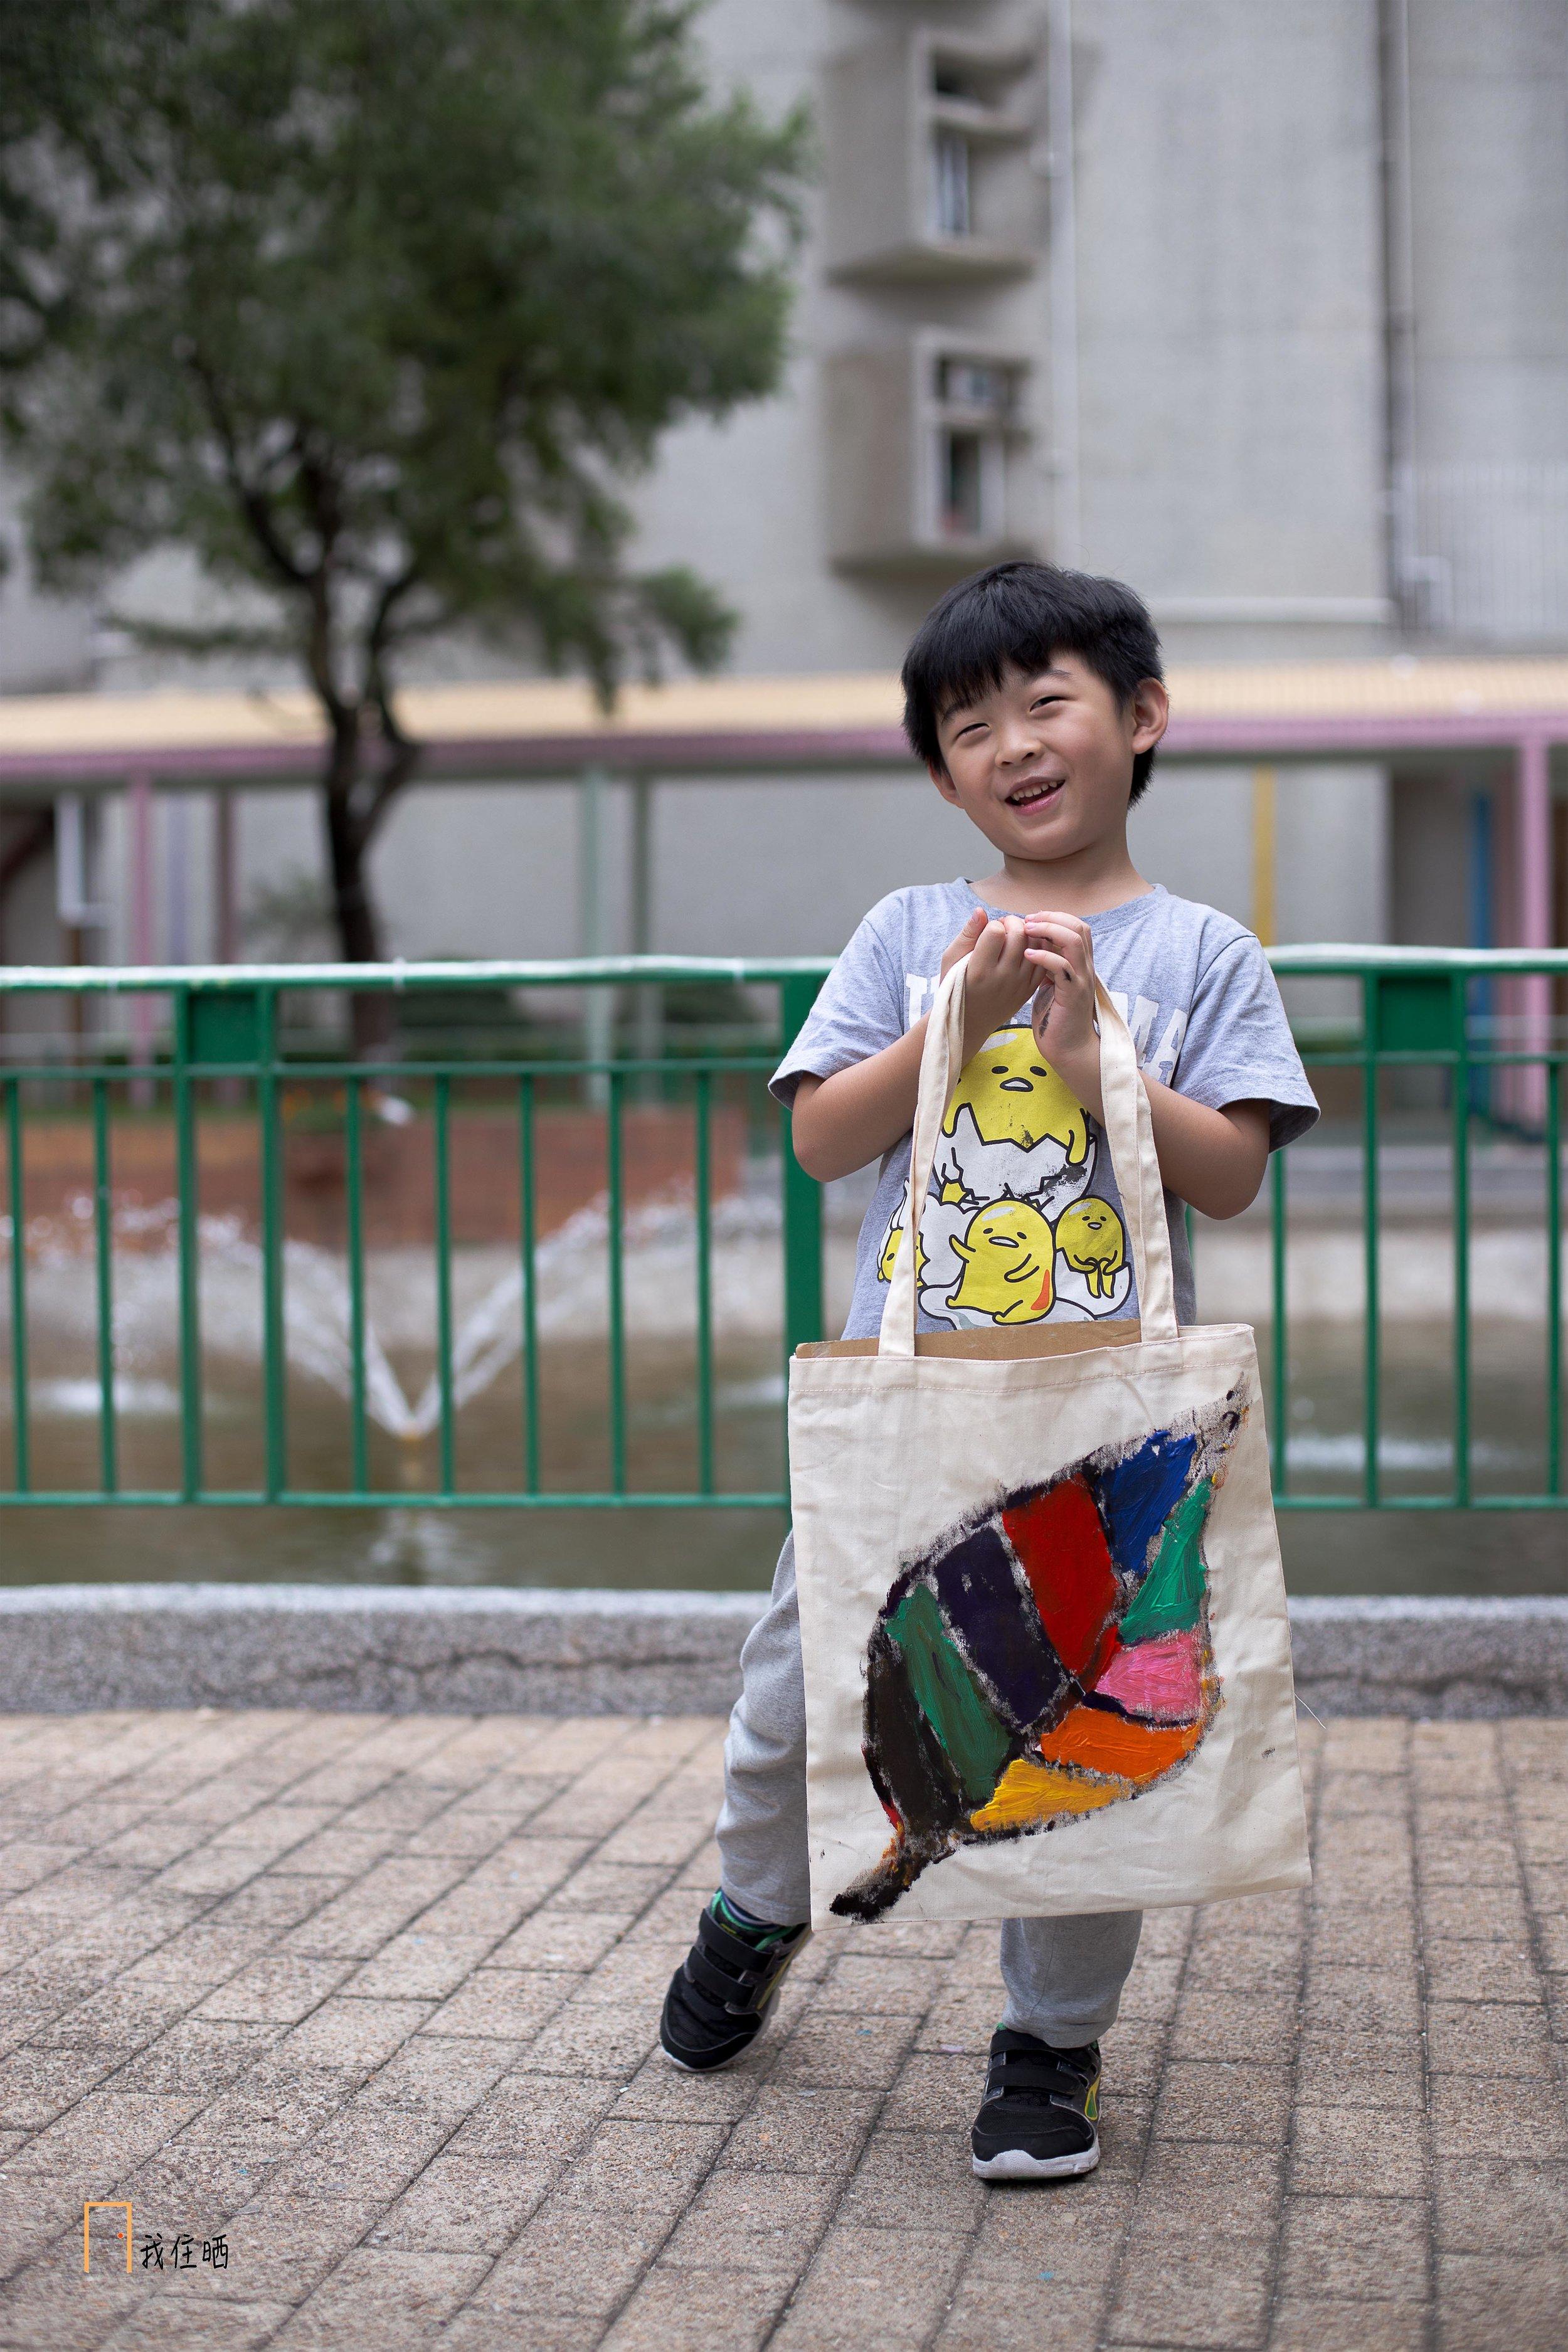 20171118_我住晒 (4 of 25).JPG